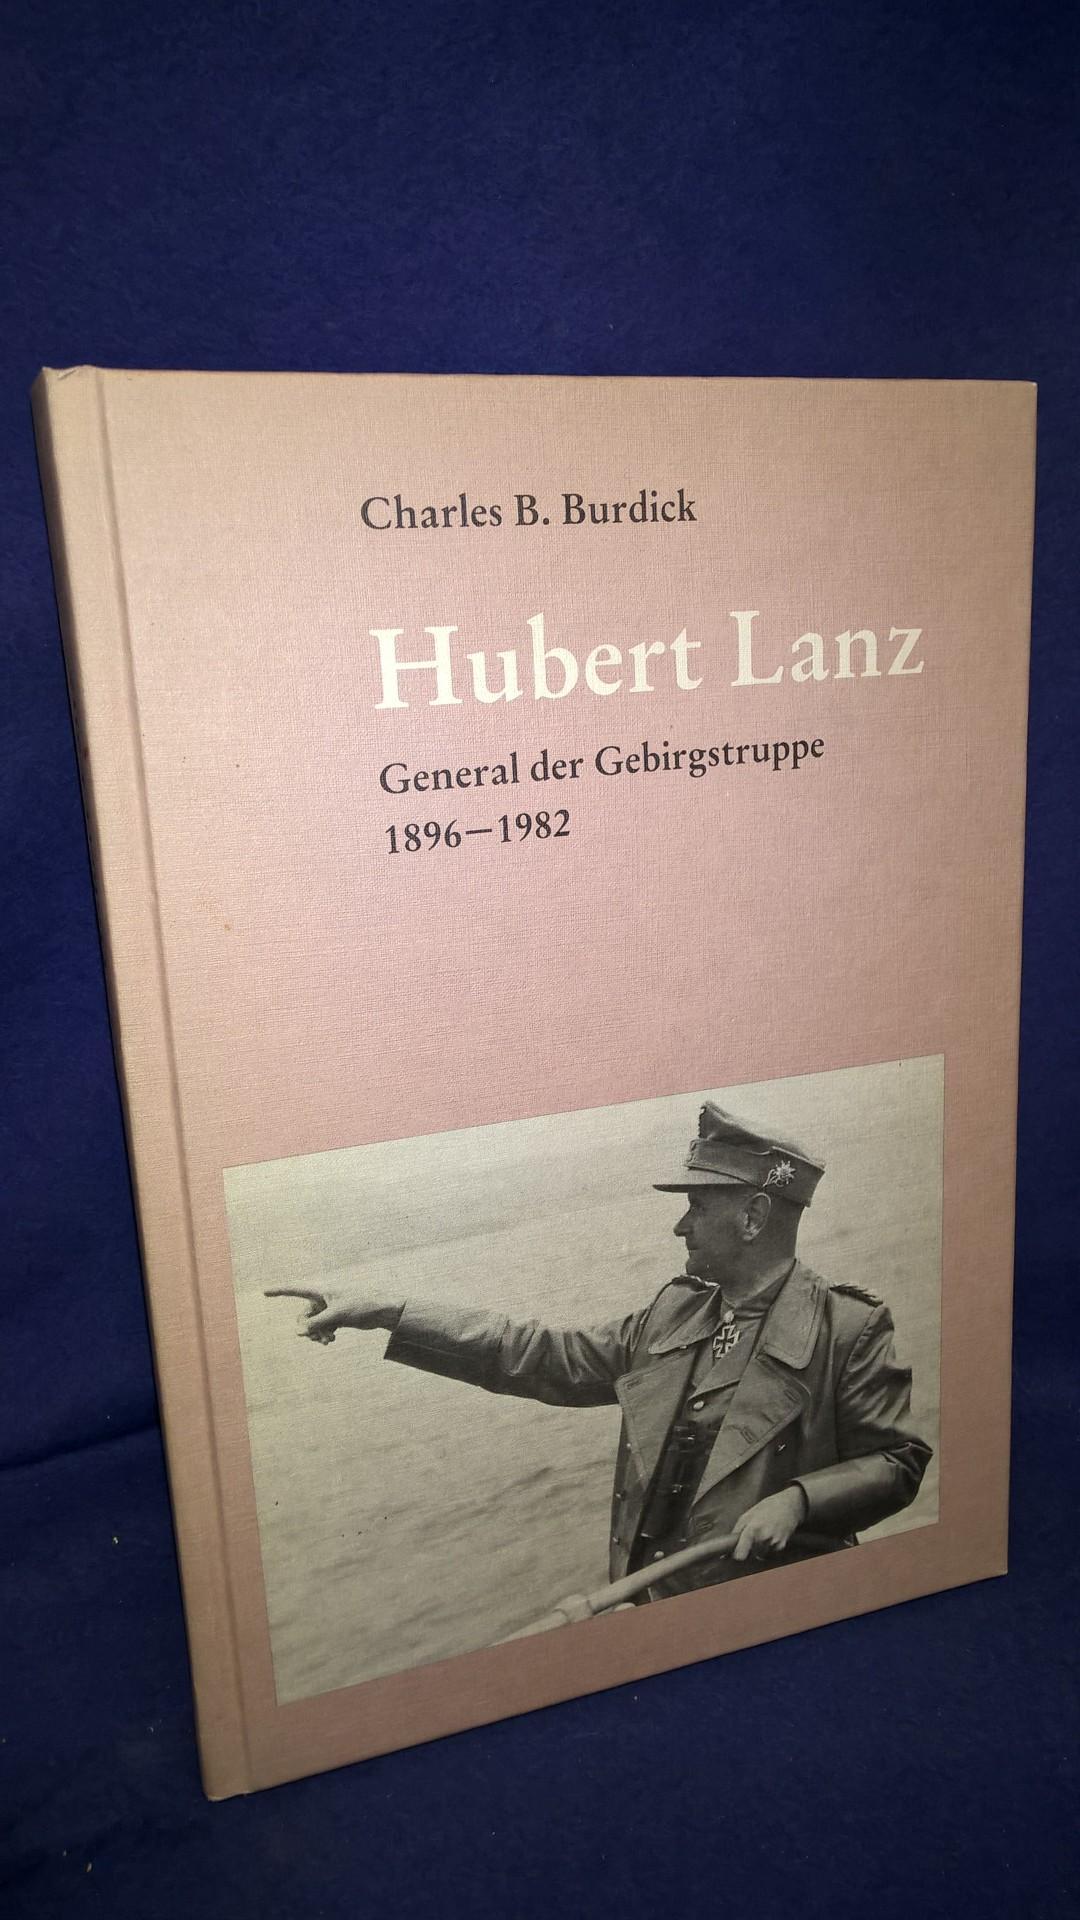 Hubert Lanz. General der Gebirgstruppe 1896-1982.